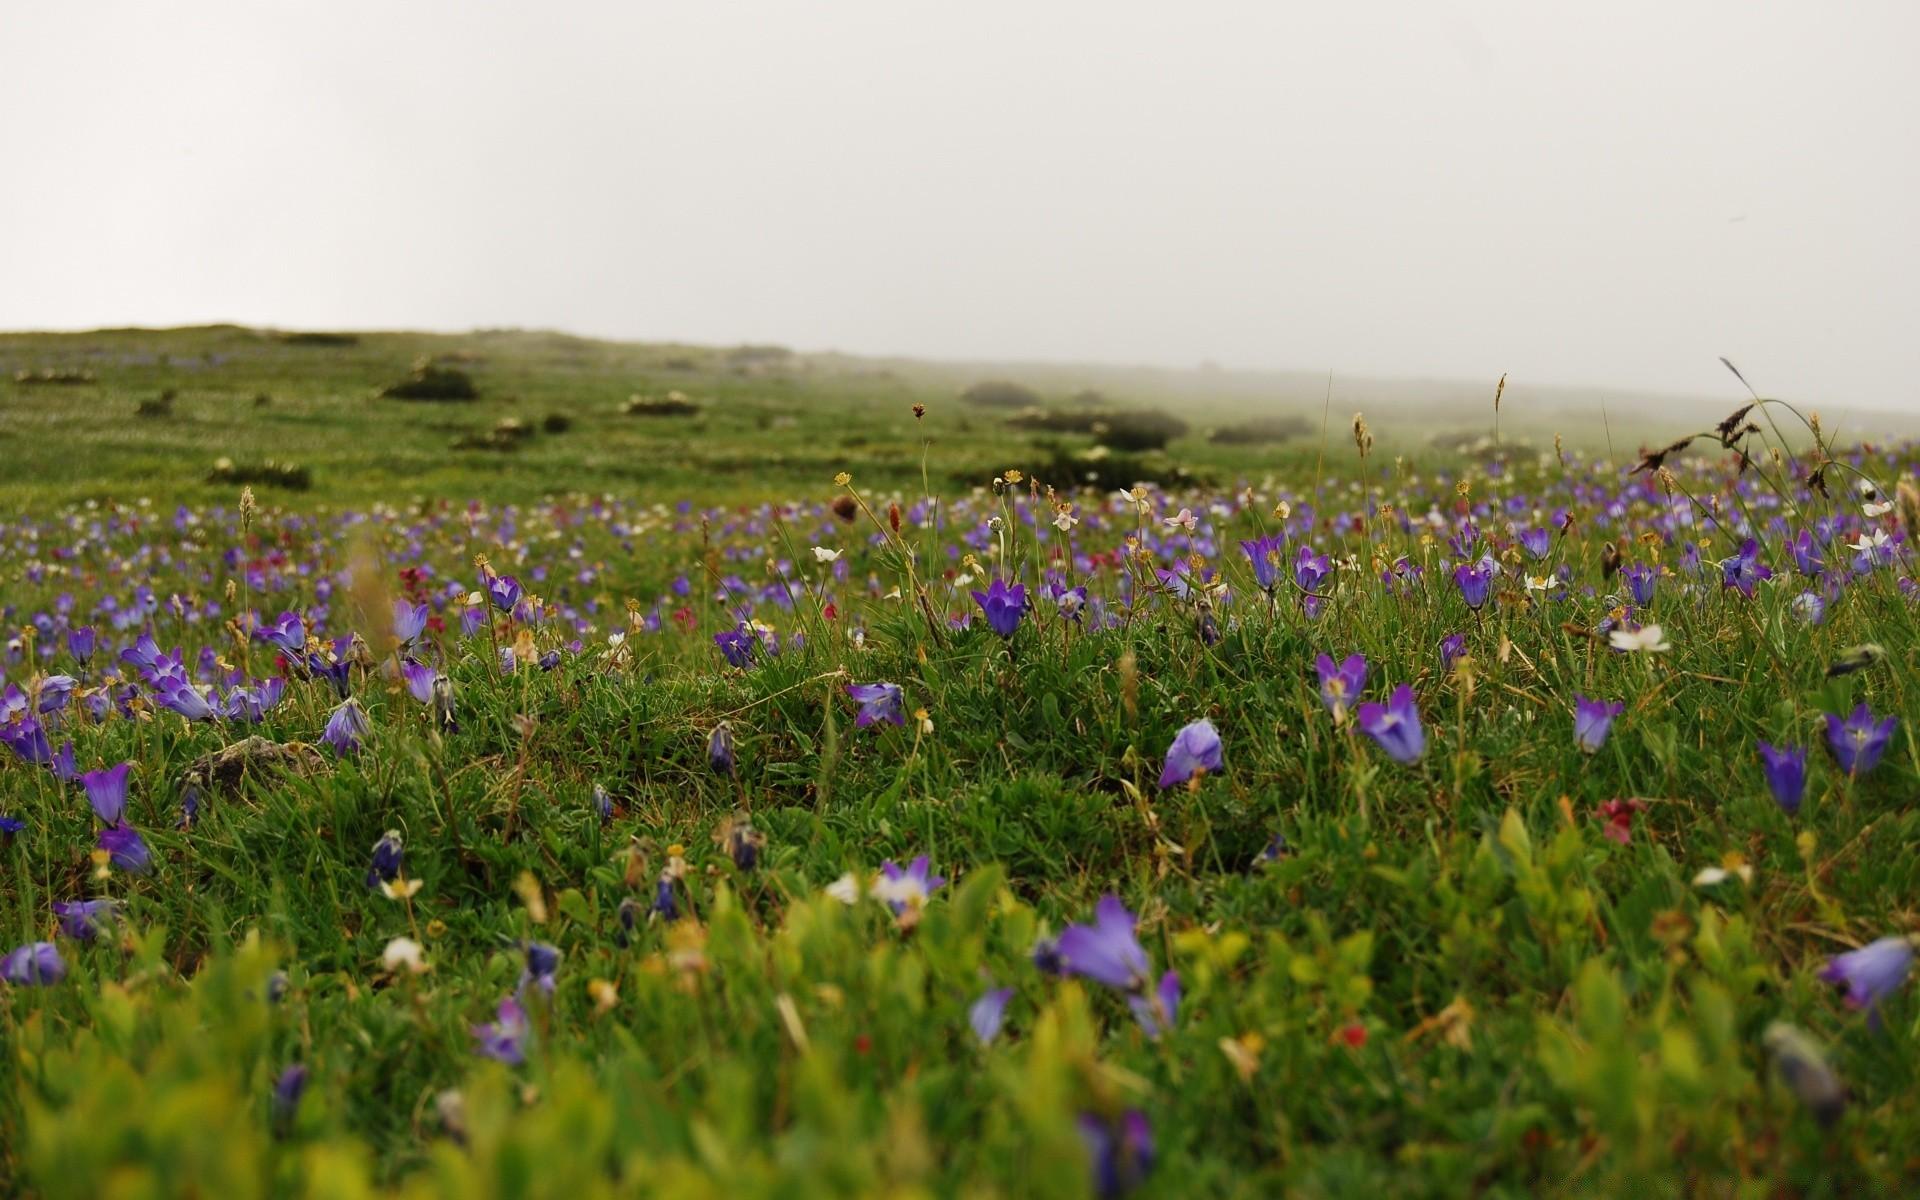 Полевые цветы весенние север казахстана фото любой